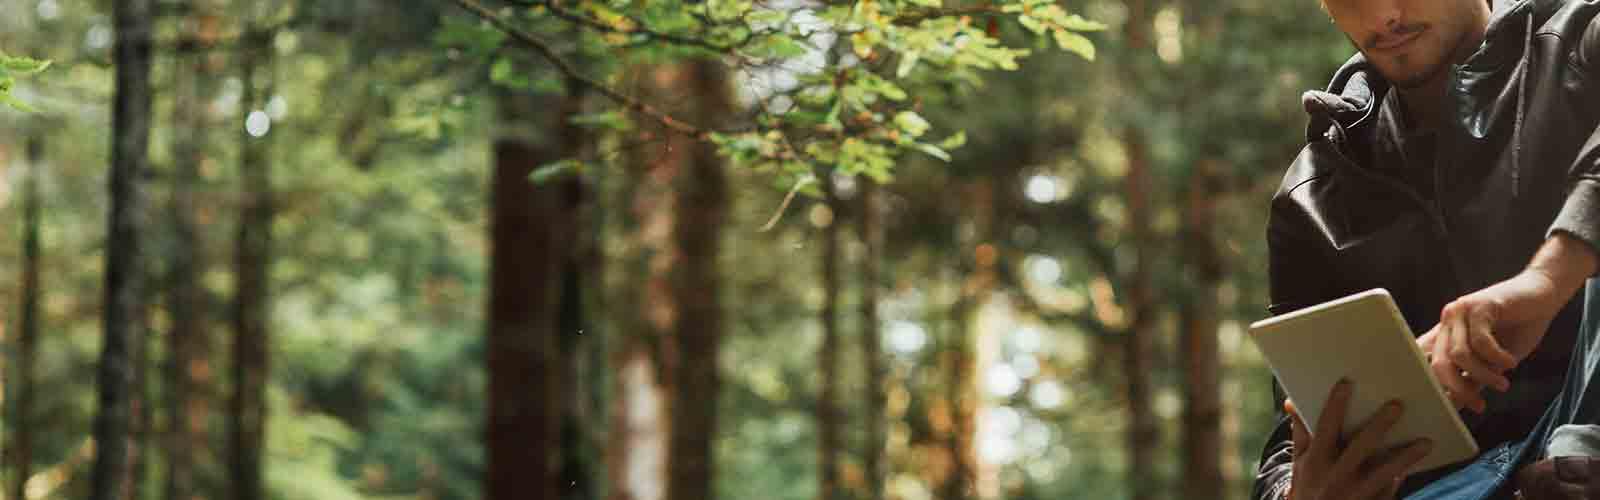 Baumpflege Rohrbeck - Kontrolle von Bäumen